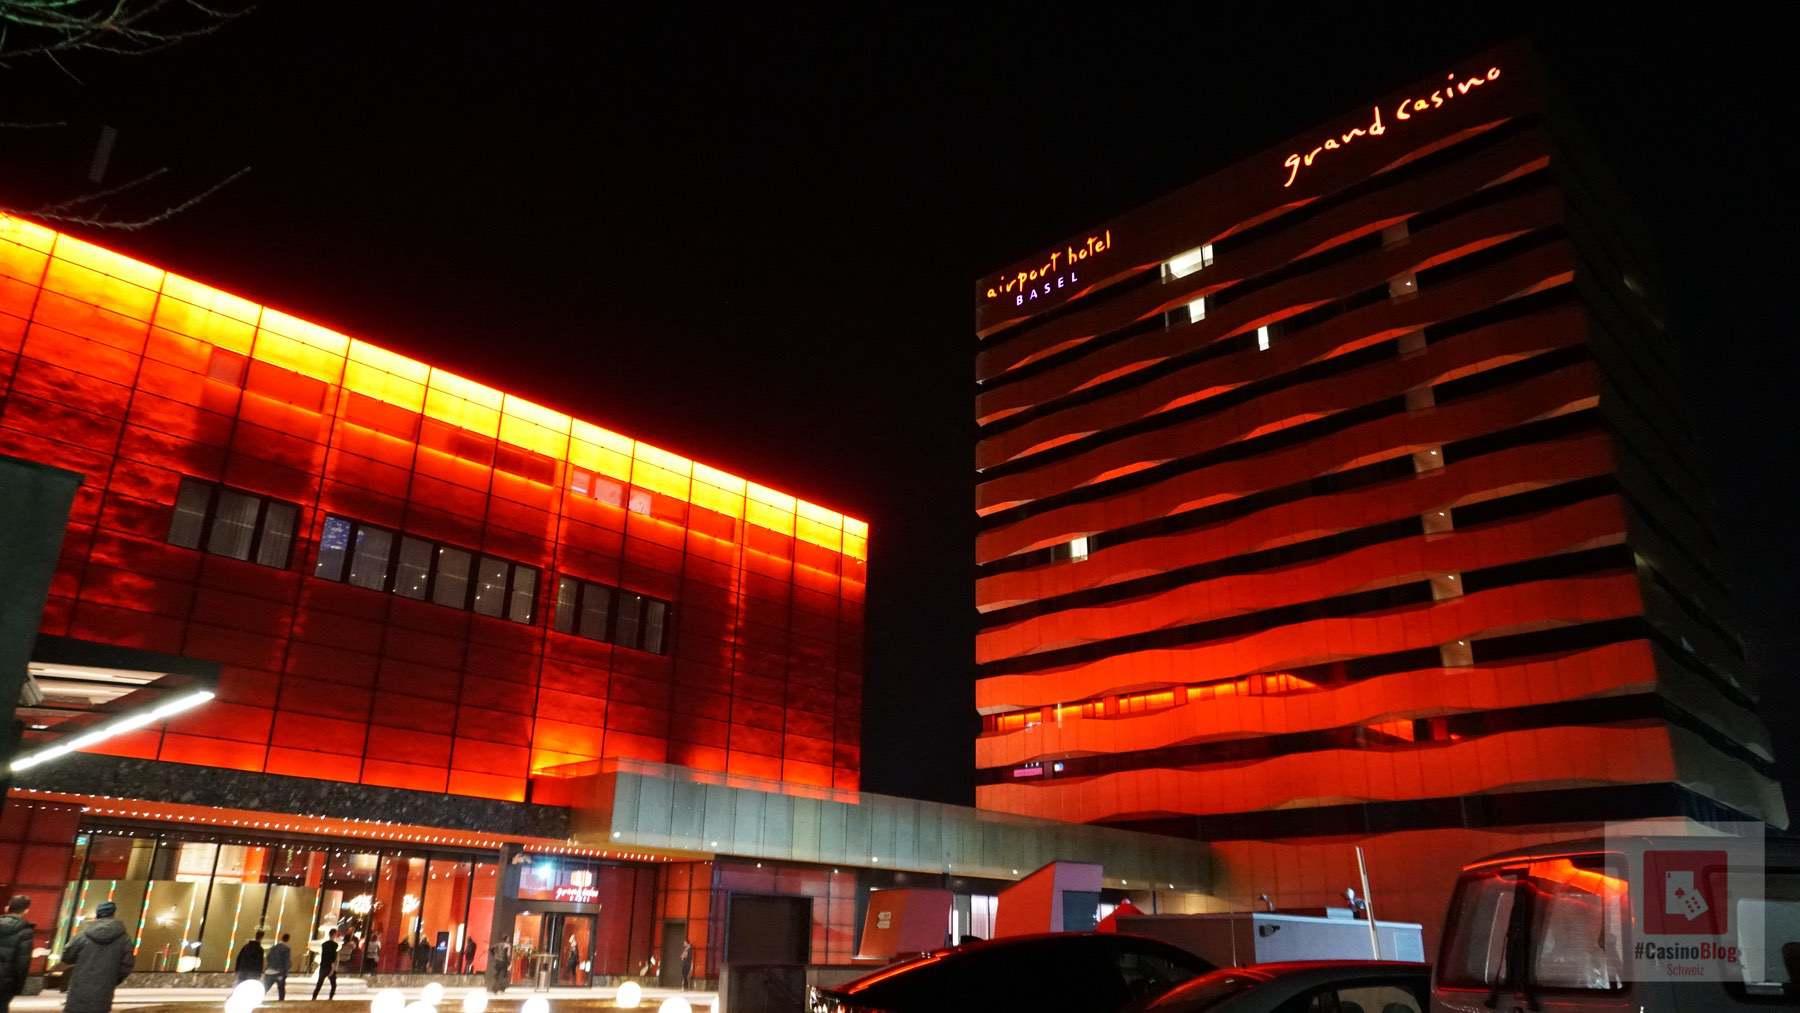 Casino und Hotel von hinten